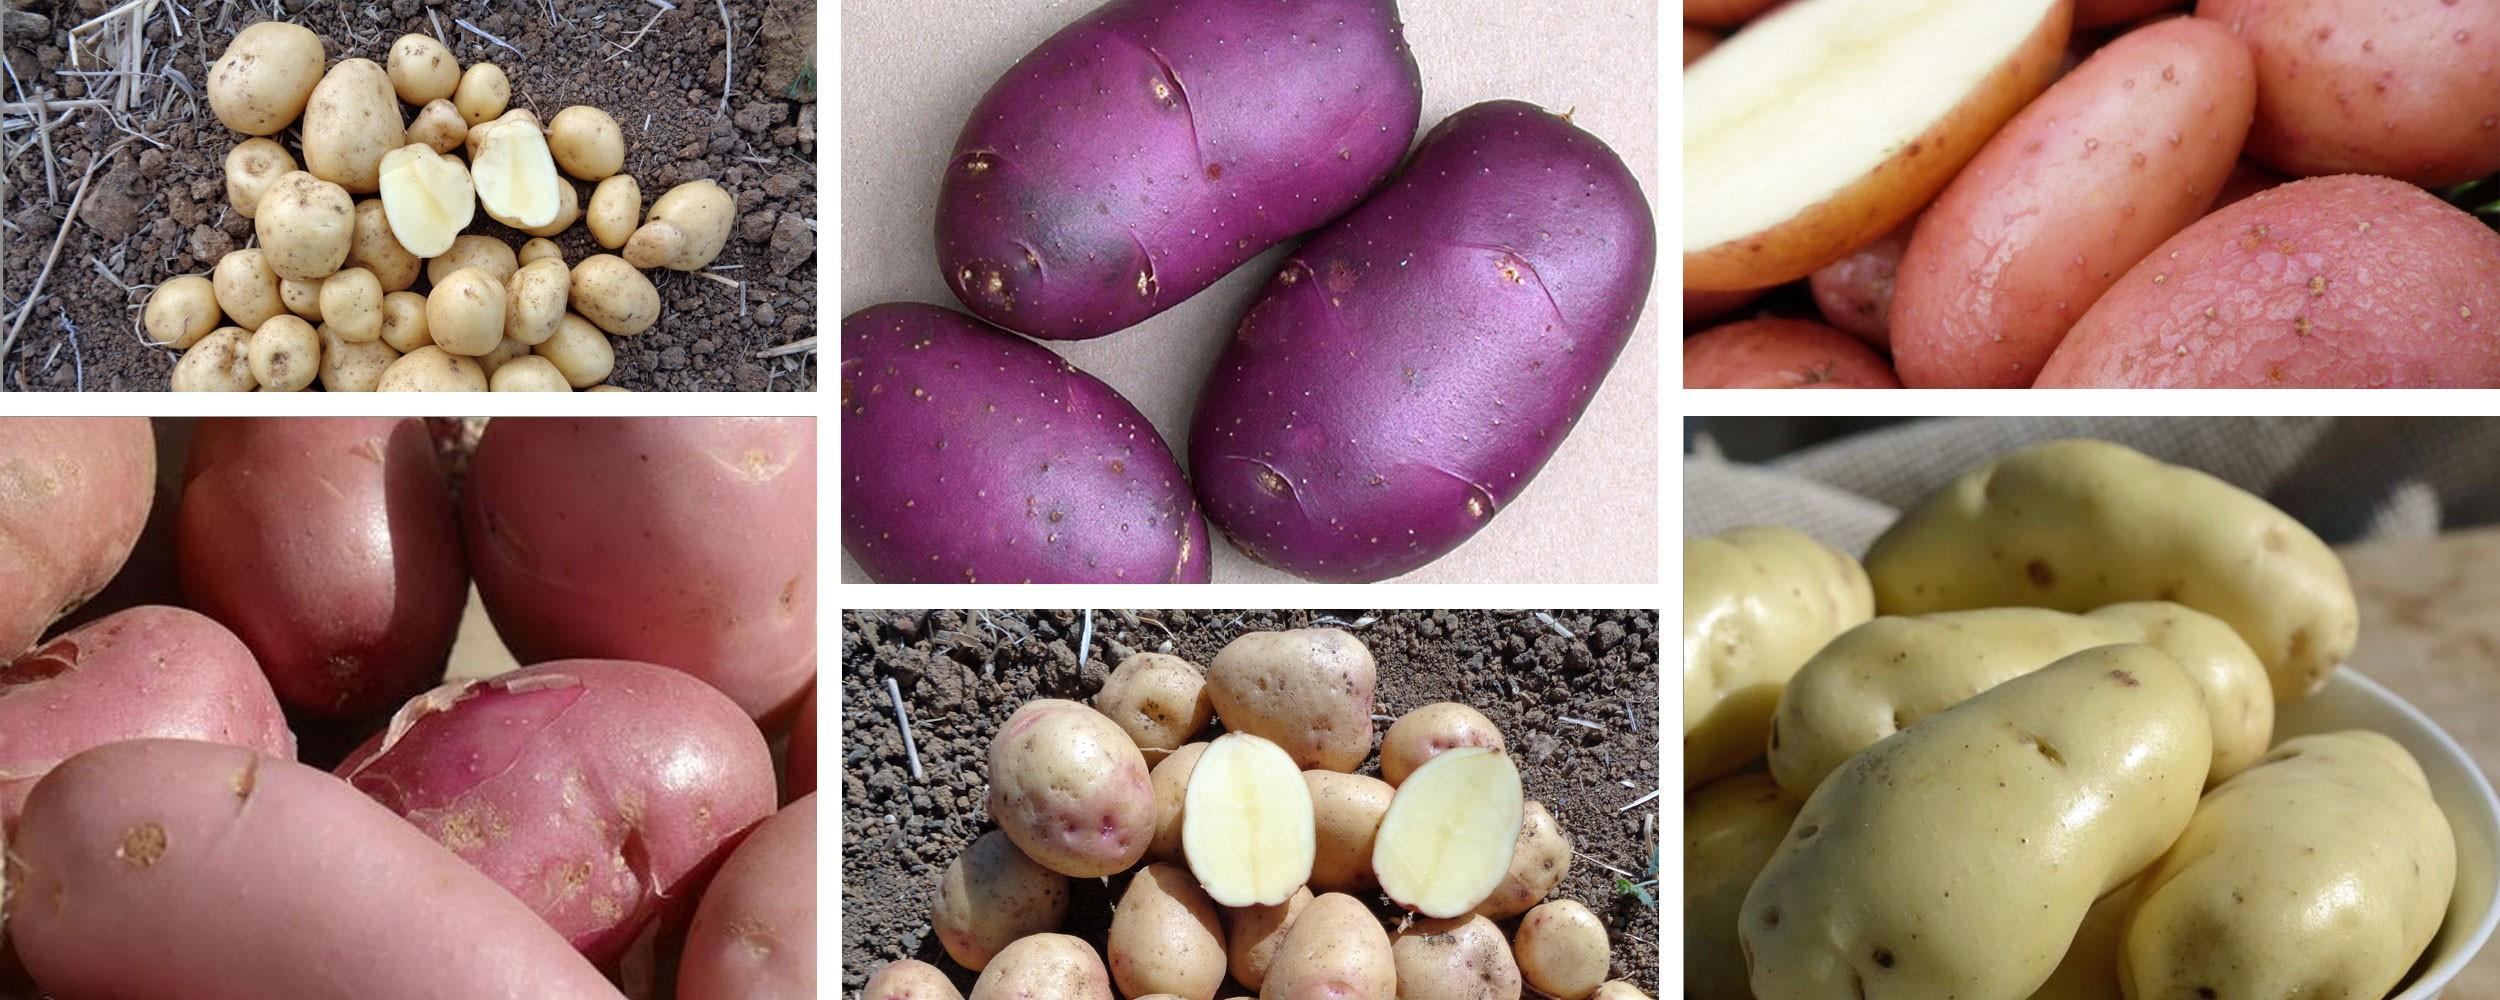 Les pommes de terre anti-mildiou de la gamme Sarpo